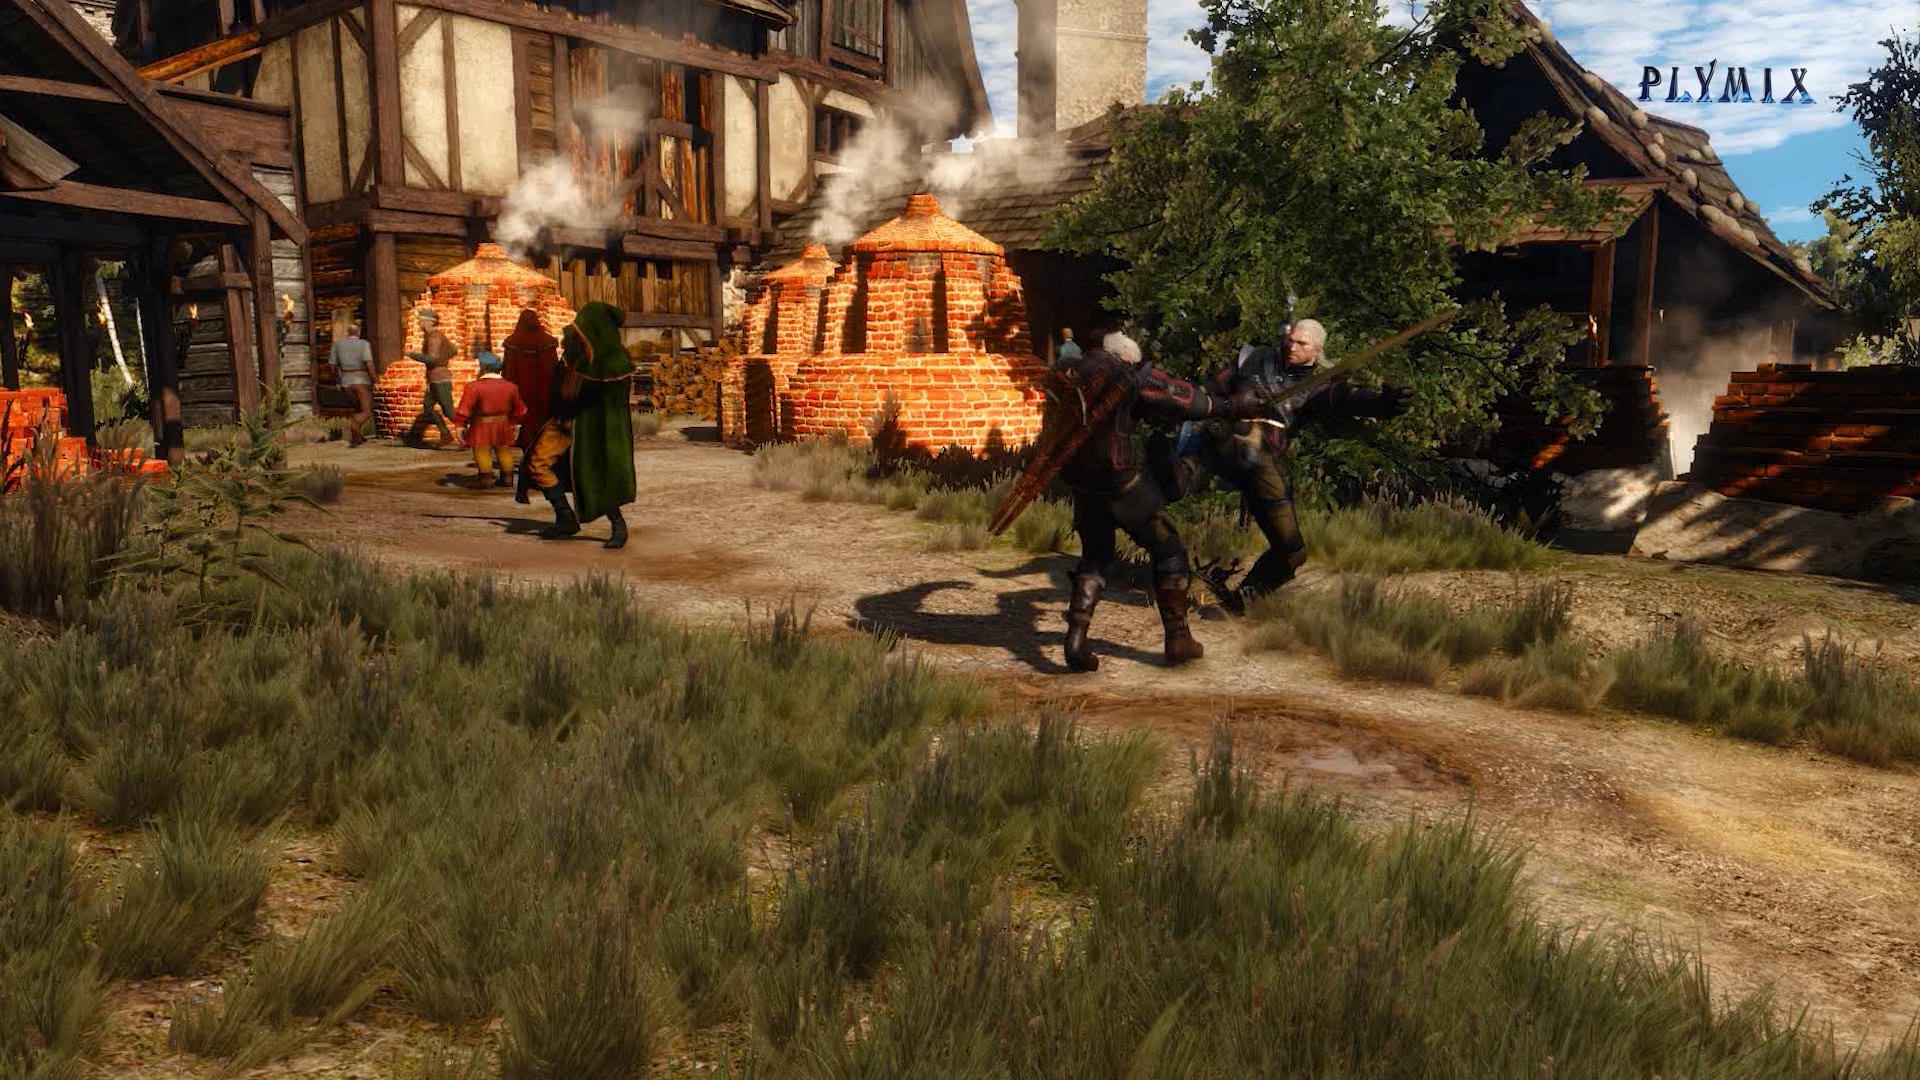 11 бой с допплером.png - Witcher 3: Wild Hunt, the